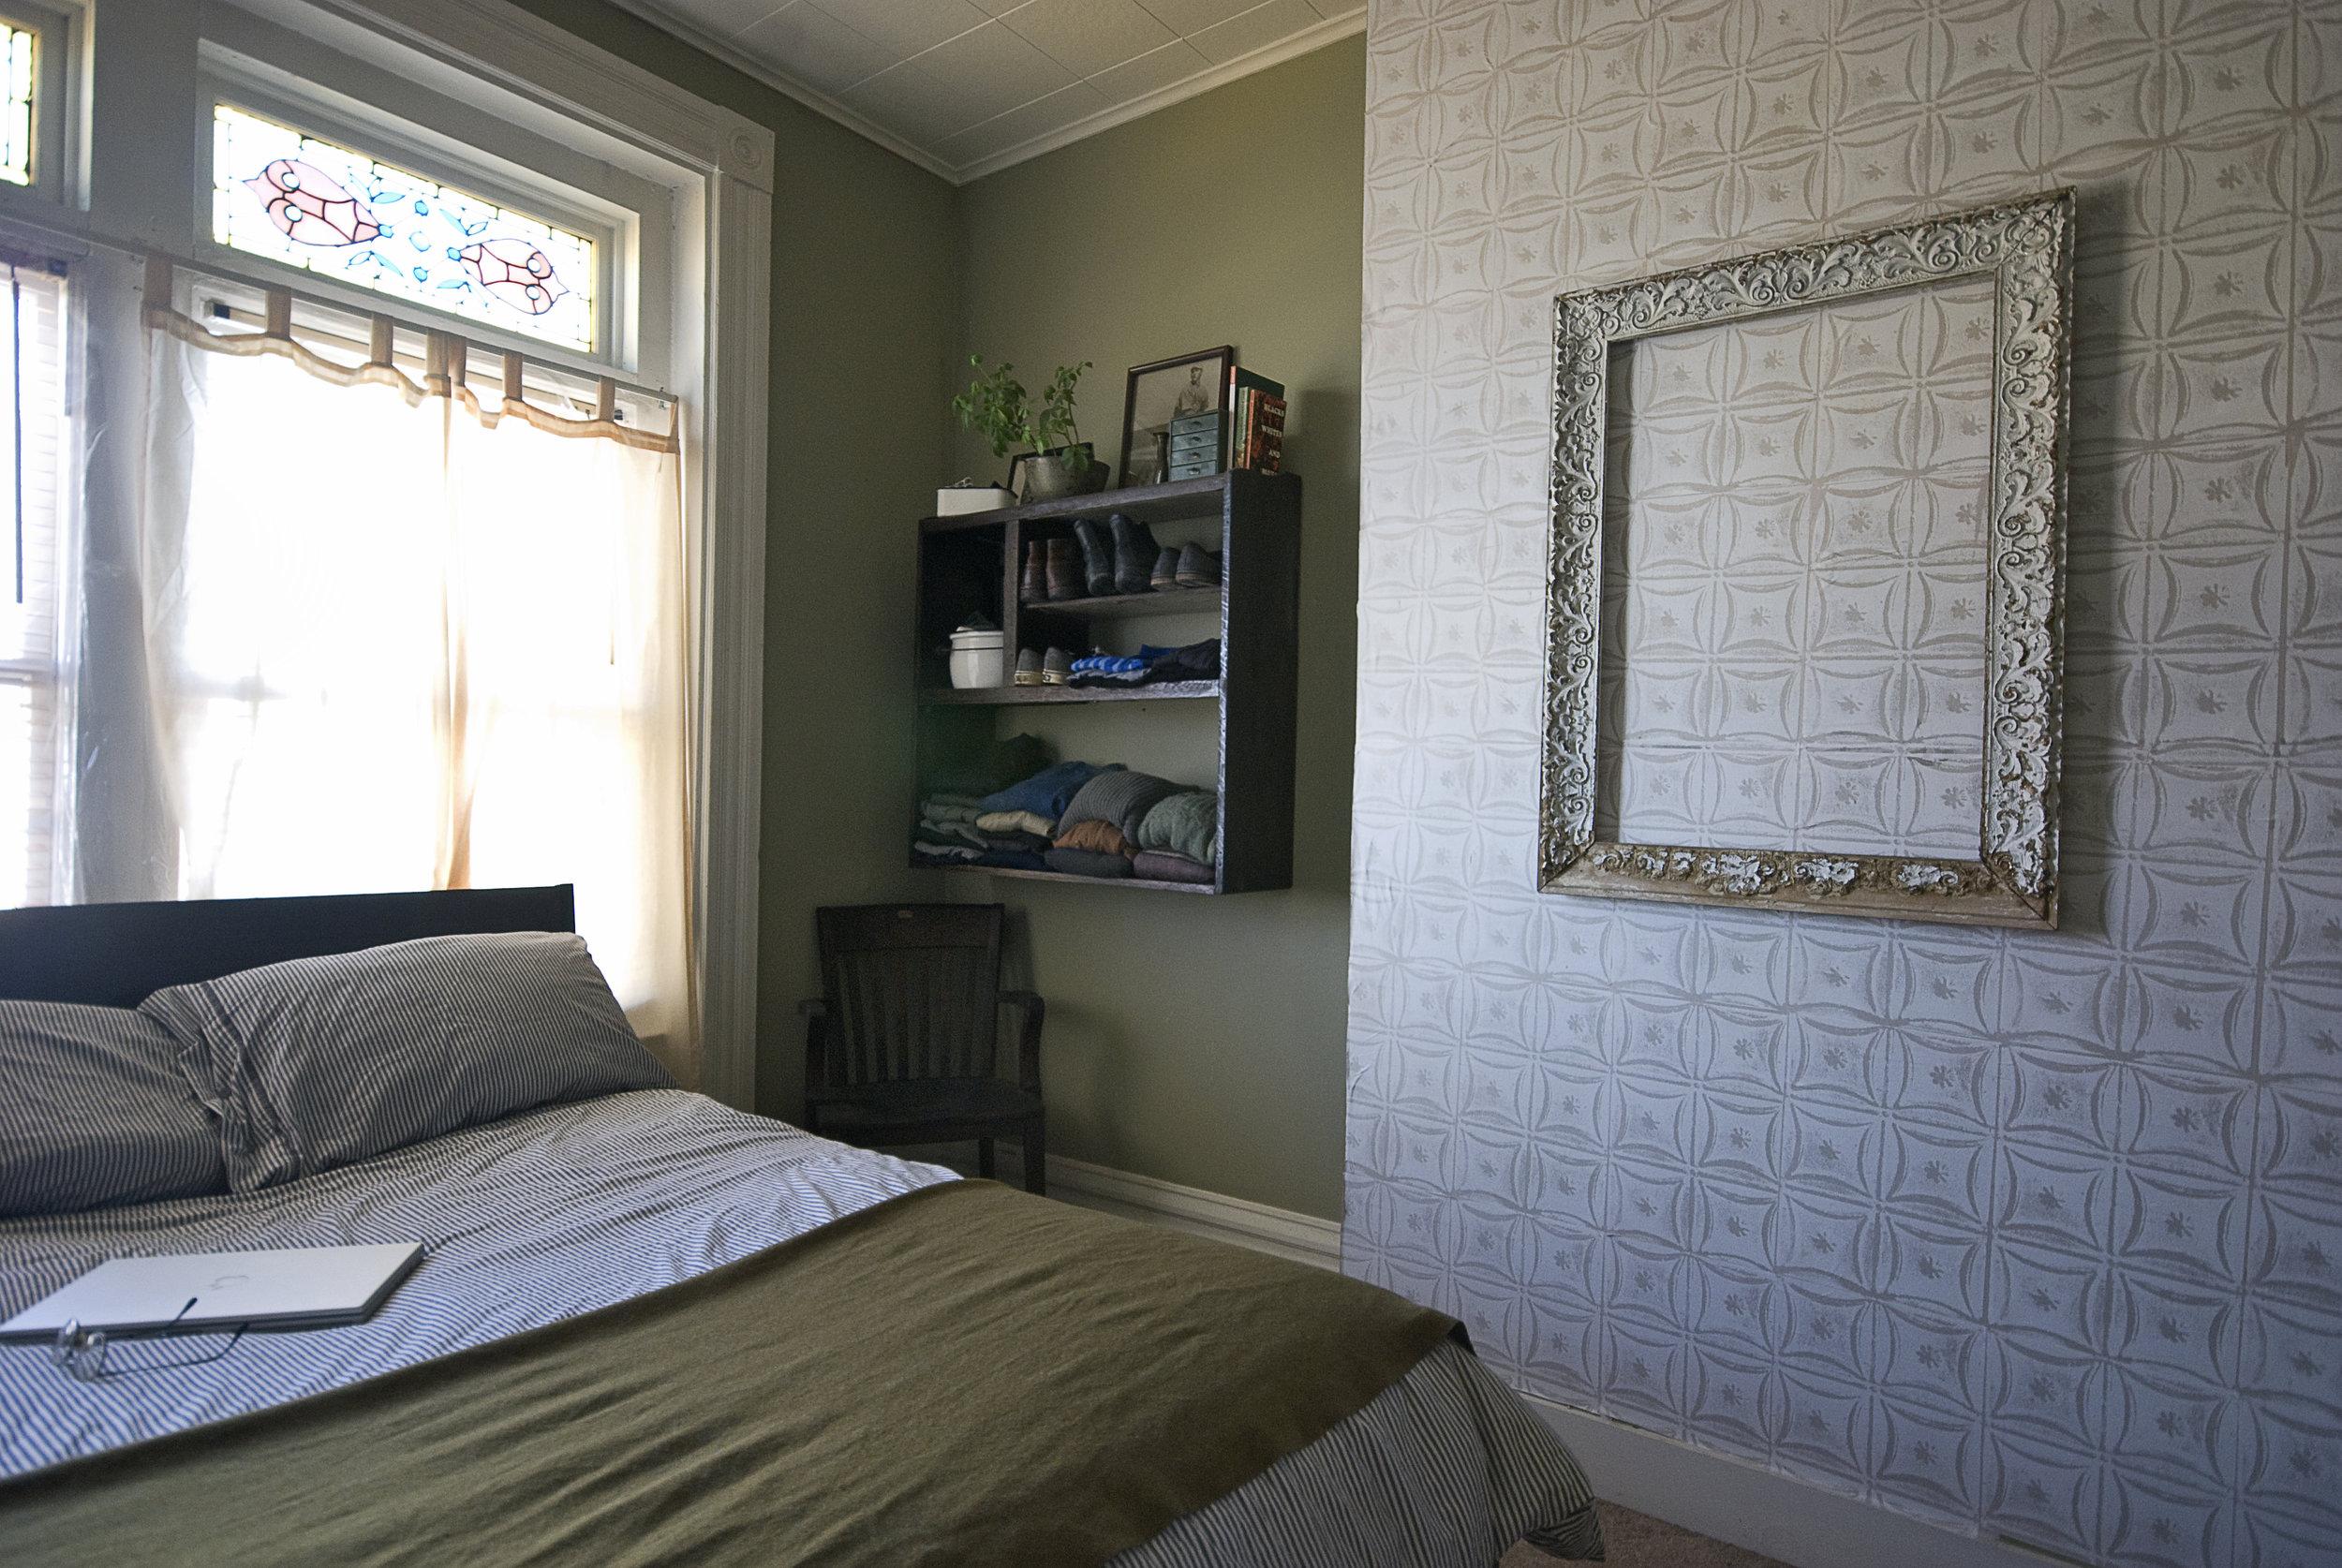 BrooklynInteriors_FrameWall_Bedroom.jpg